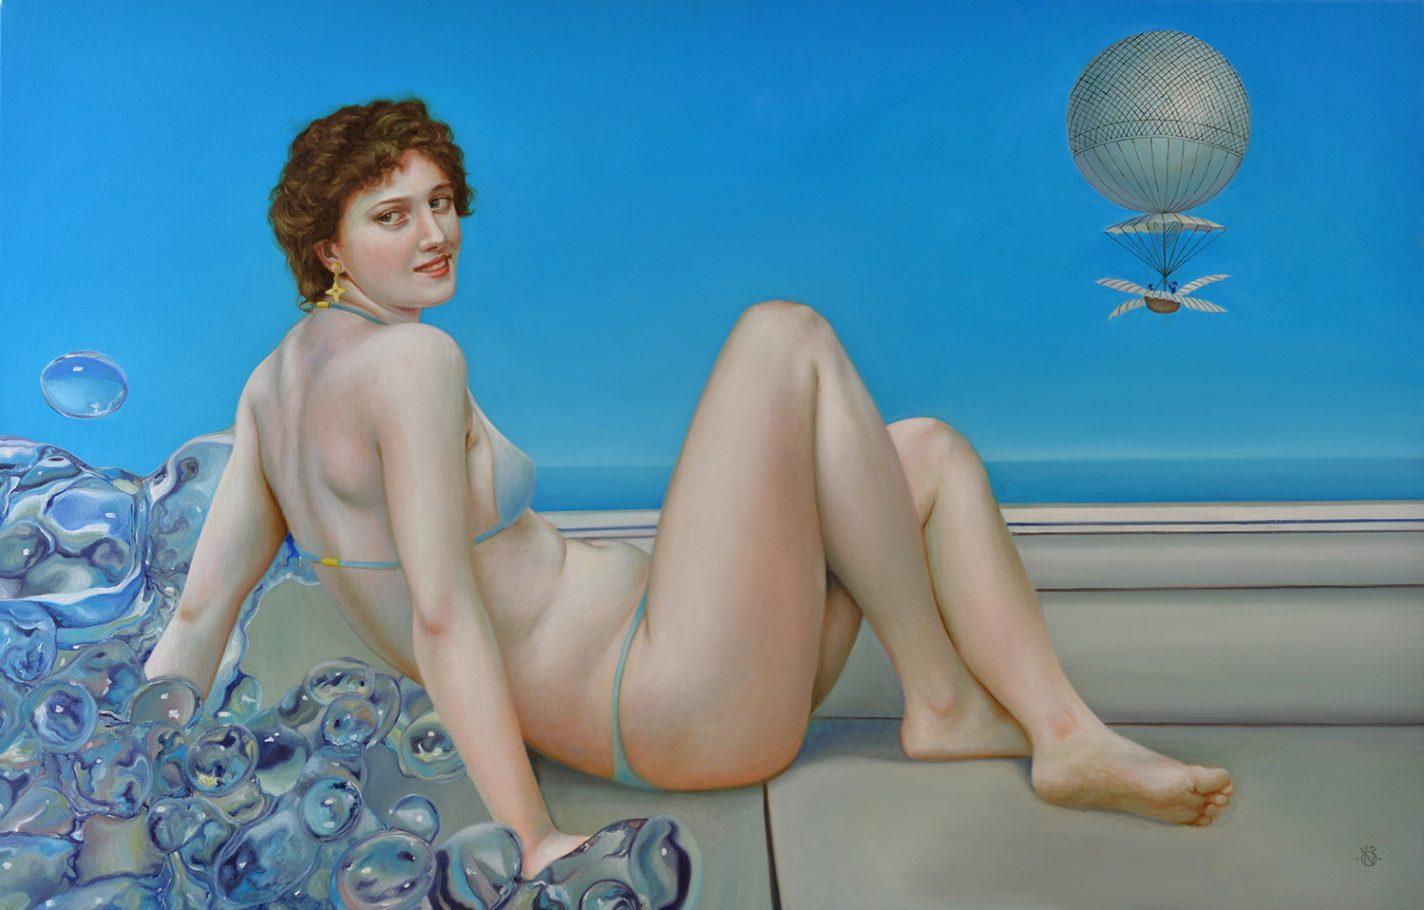 Airship (Hommage á Bouguereau) 90x140 cm oil on canvas 2017